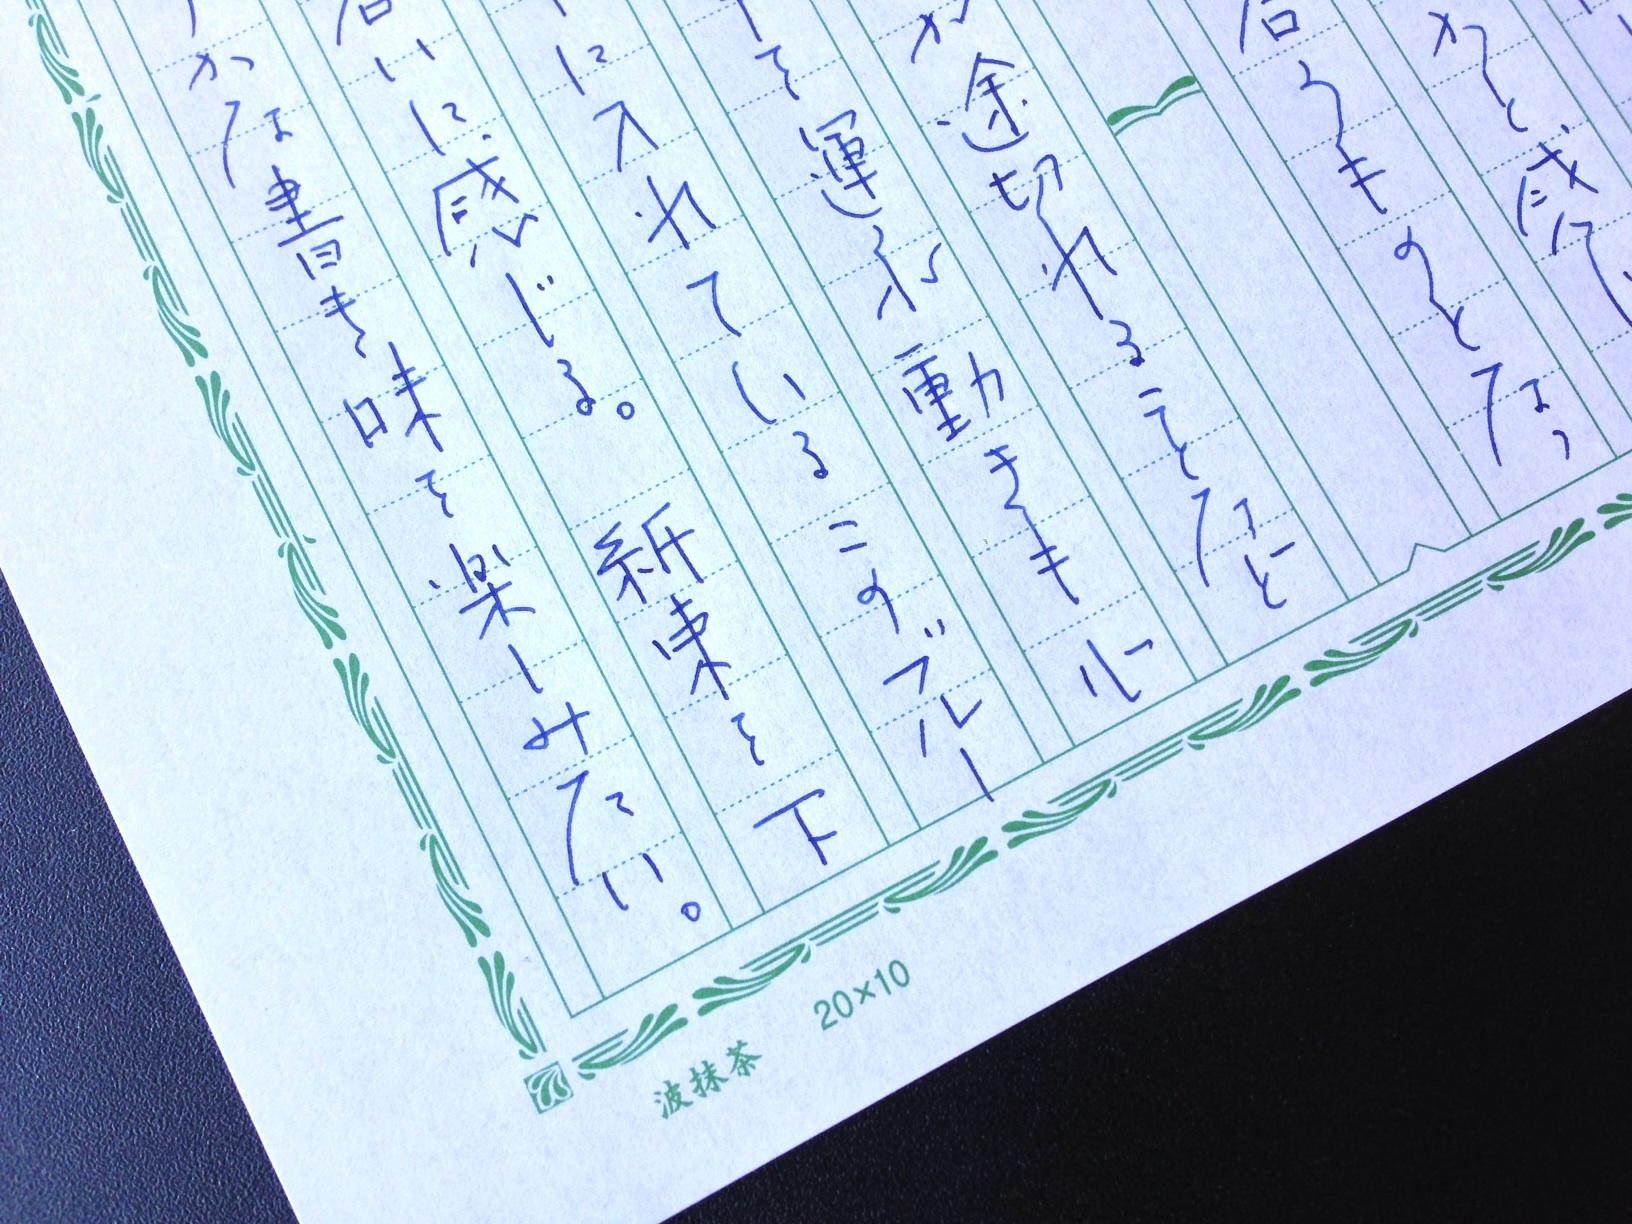 第七十一回「URUSHI JAPANのパイロット キャップレス フェルモ」